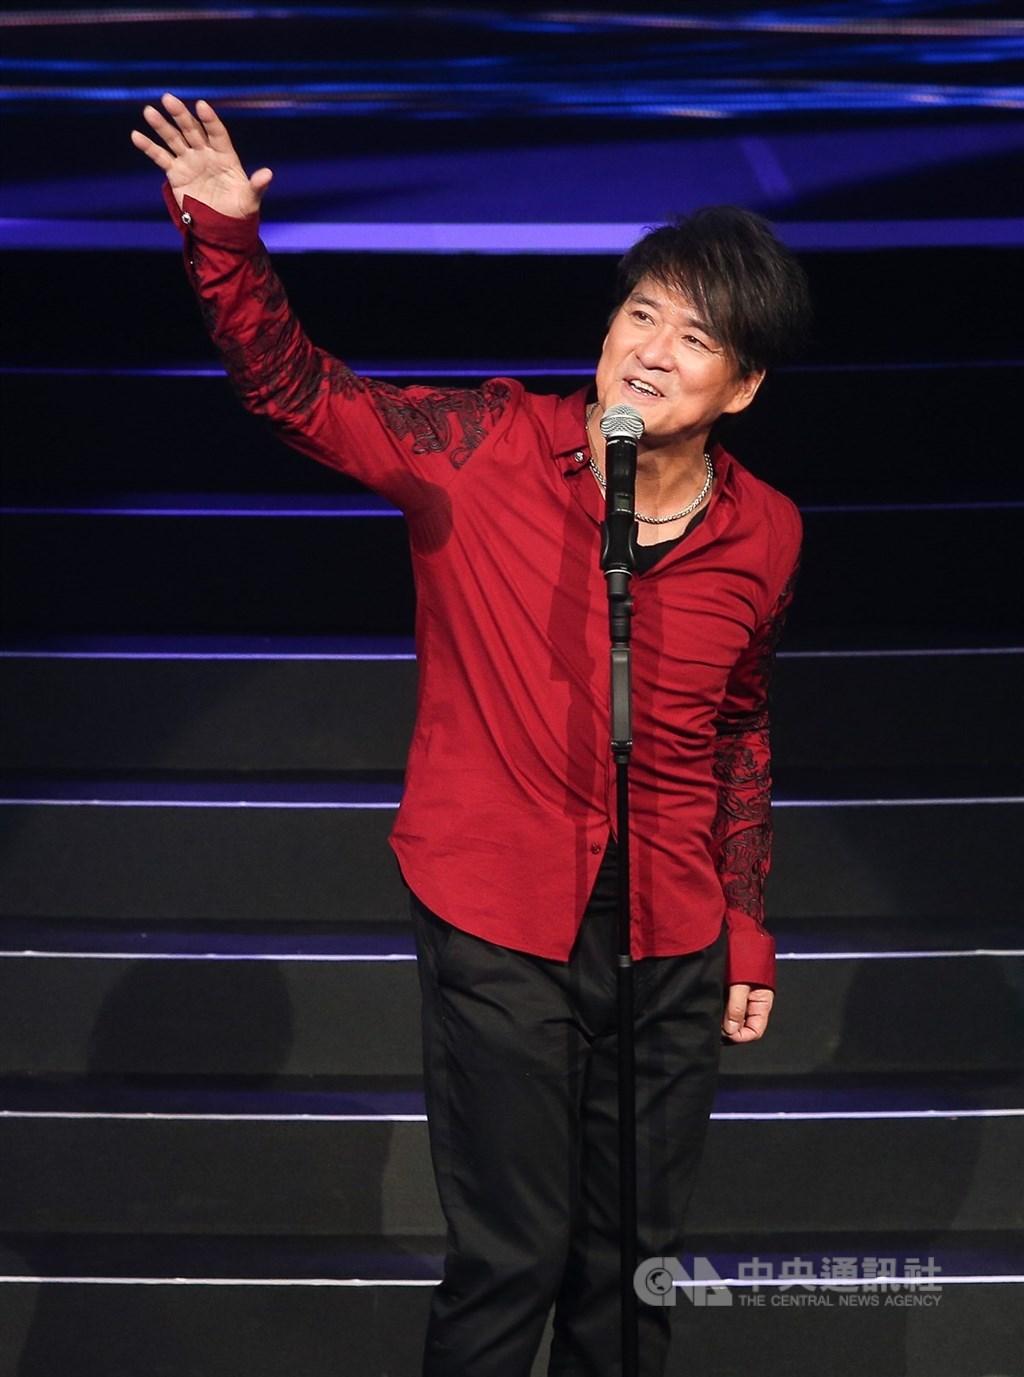 第31屆金曲獎15日公布入圍名單,最佳國語男歌手入圍者周華健(圖)表示,和後輩們搶坐位,很害羞,祝福真正的少年得獎。(中央社檔案照片)